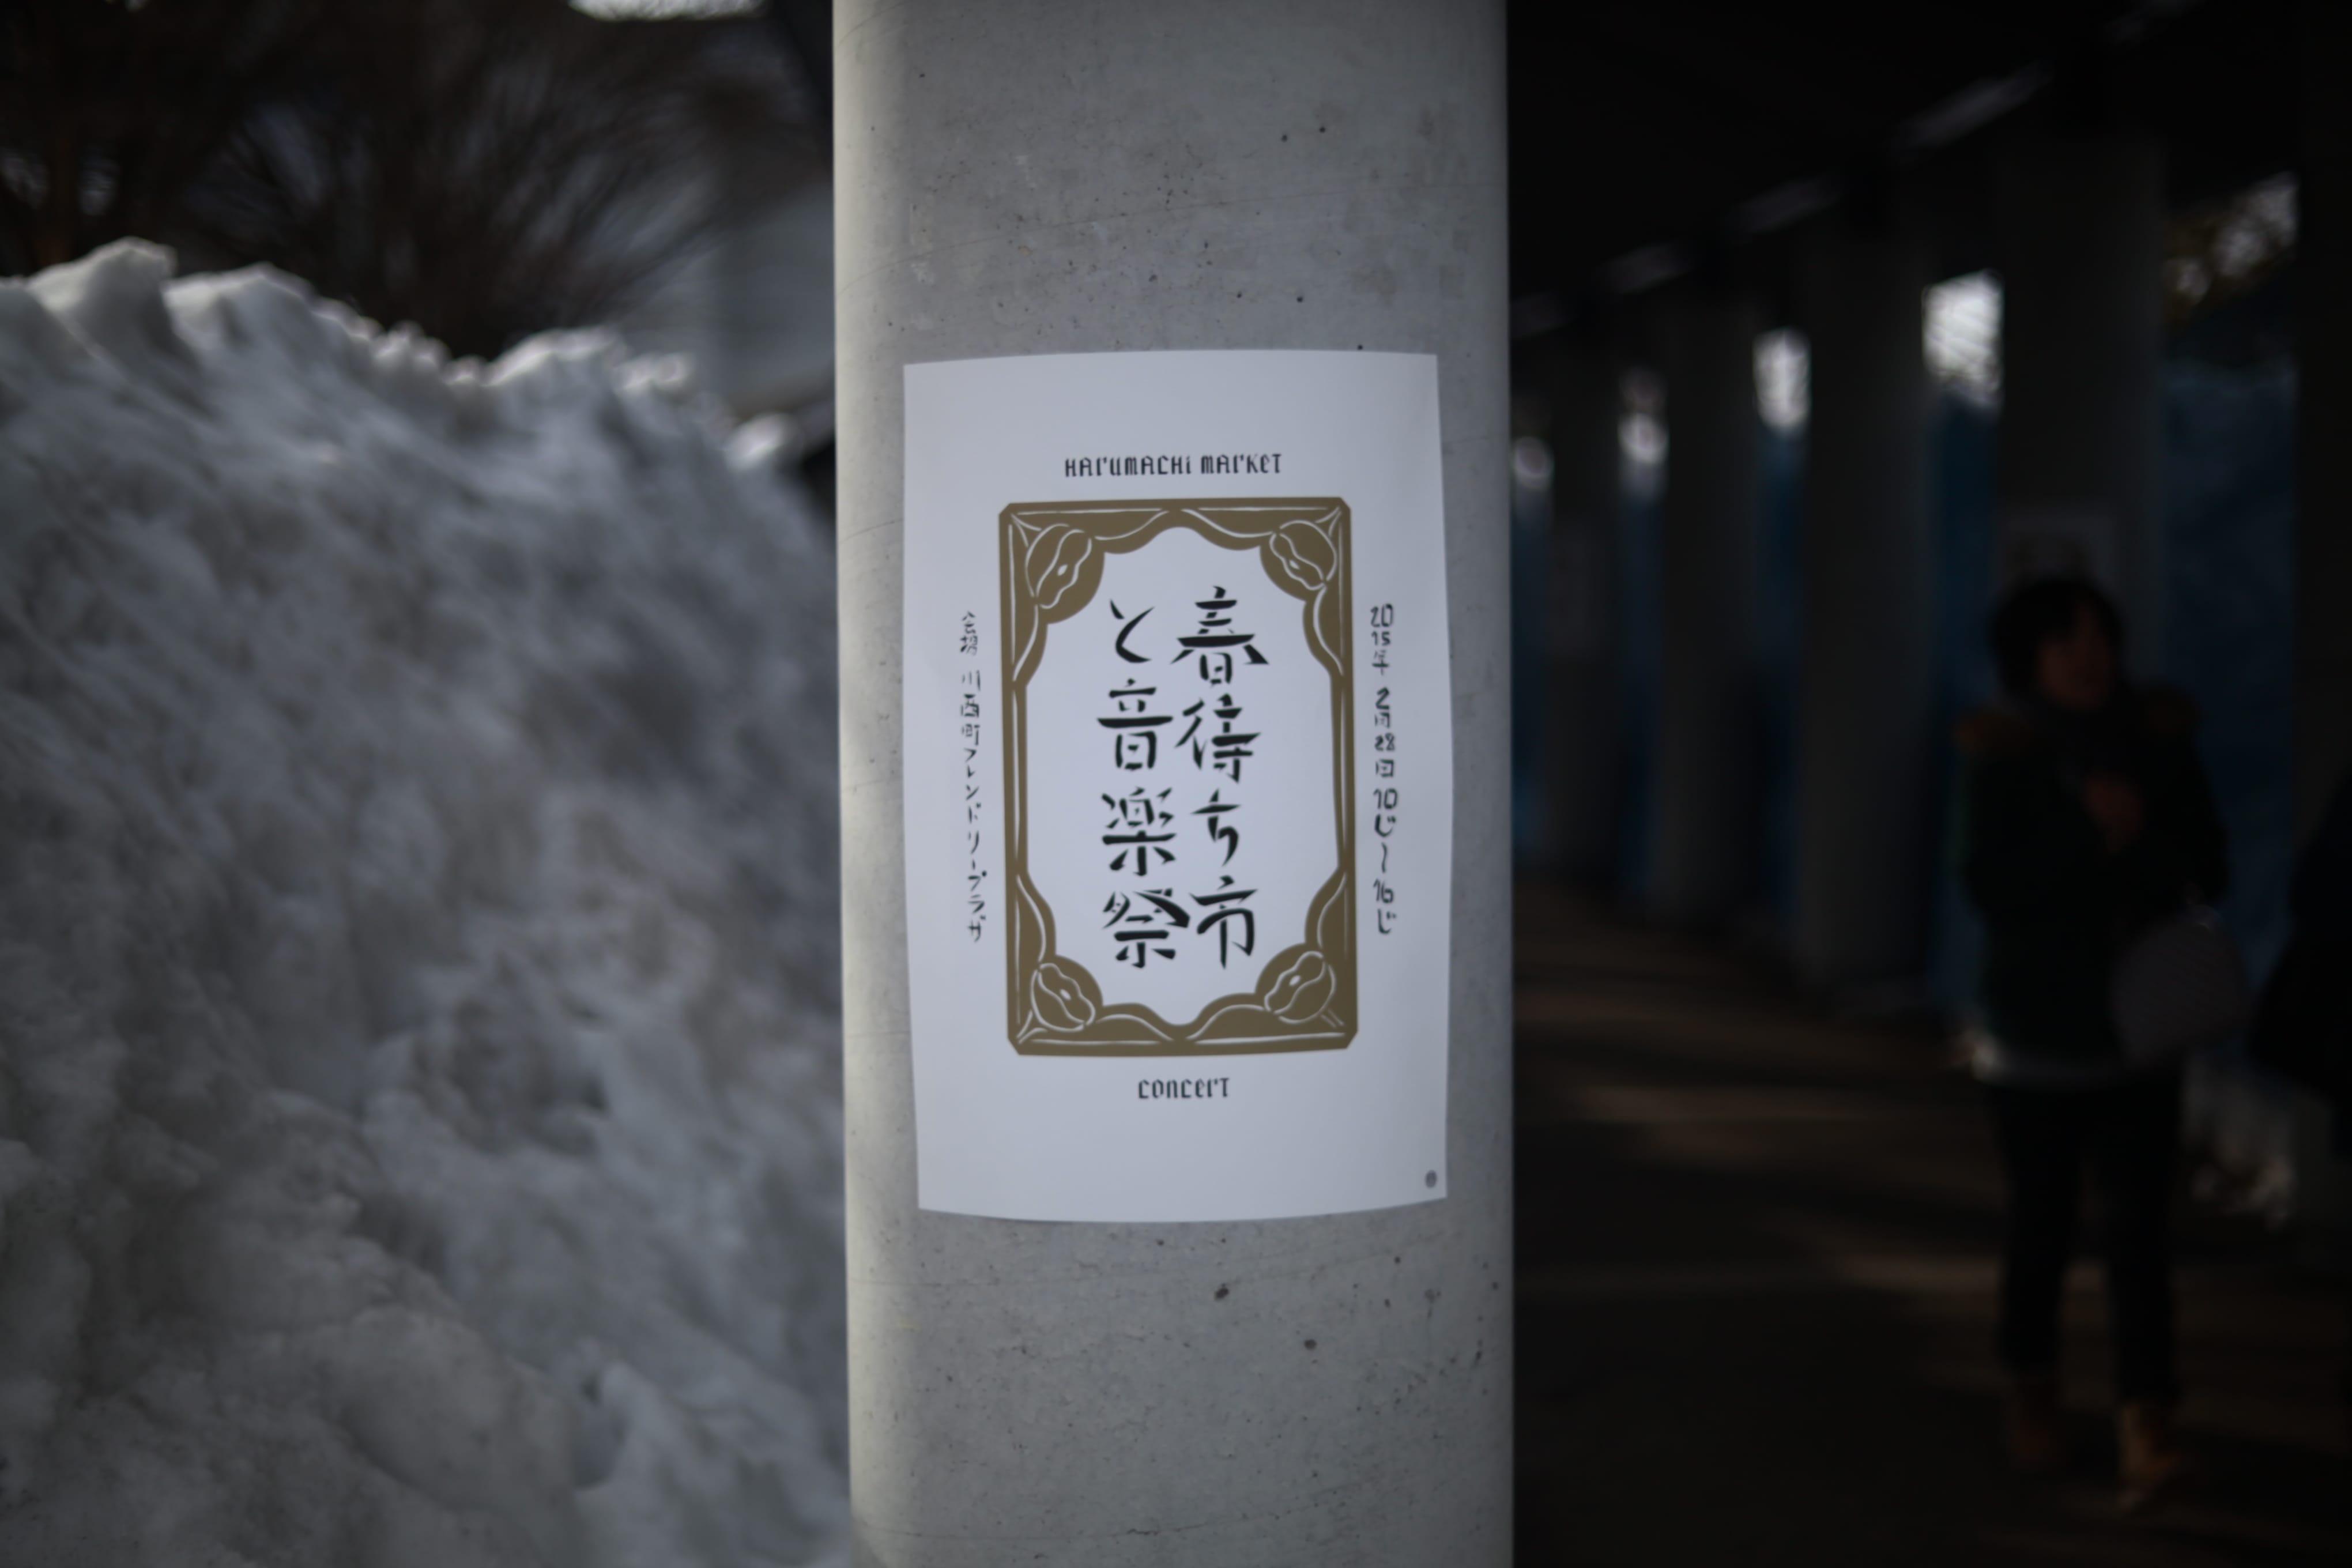 川西町観光協会主催の「春待ち市と音楽祭」のポスター